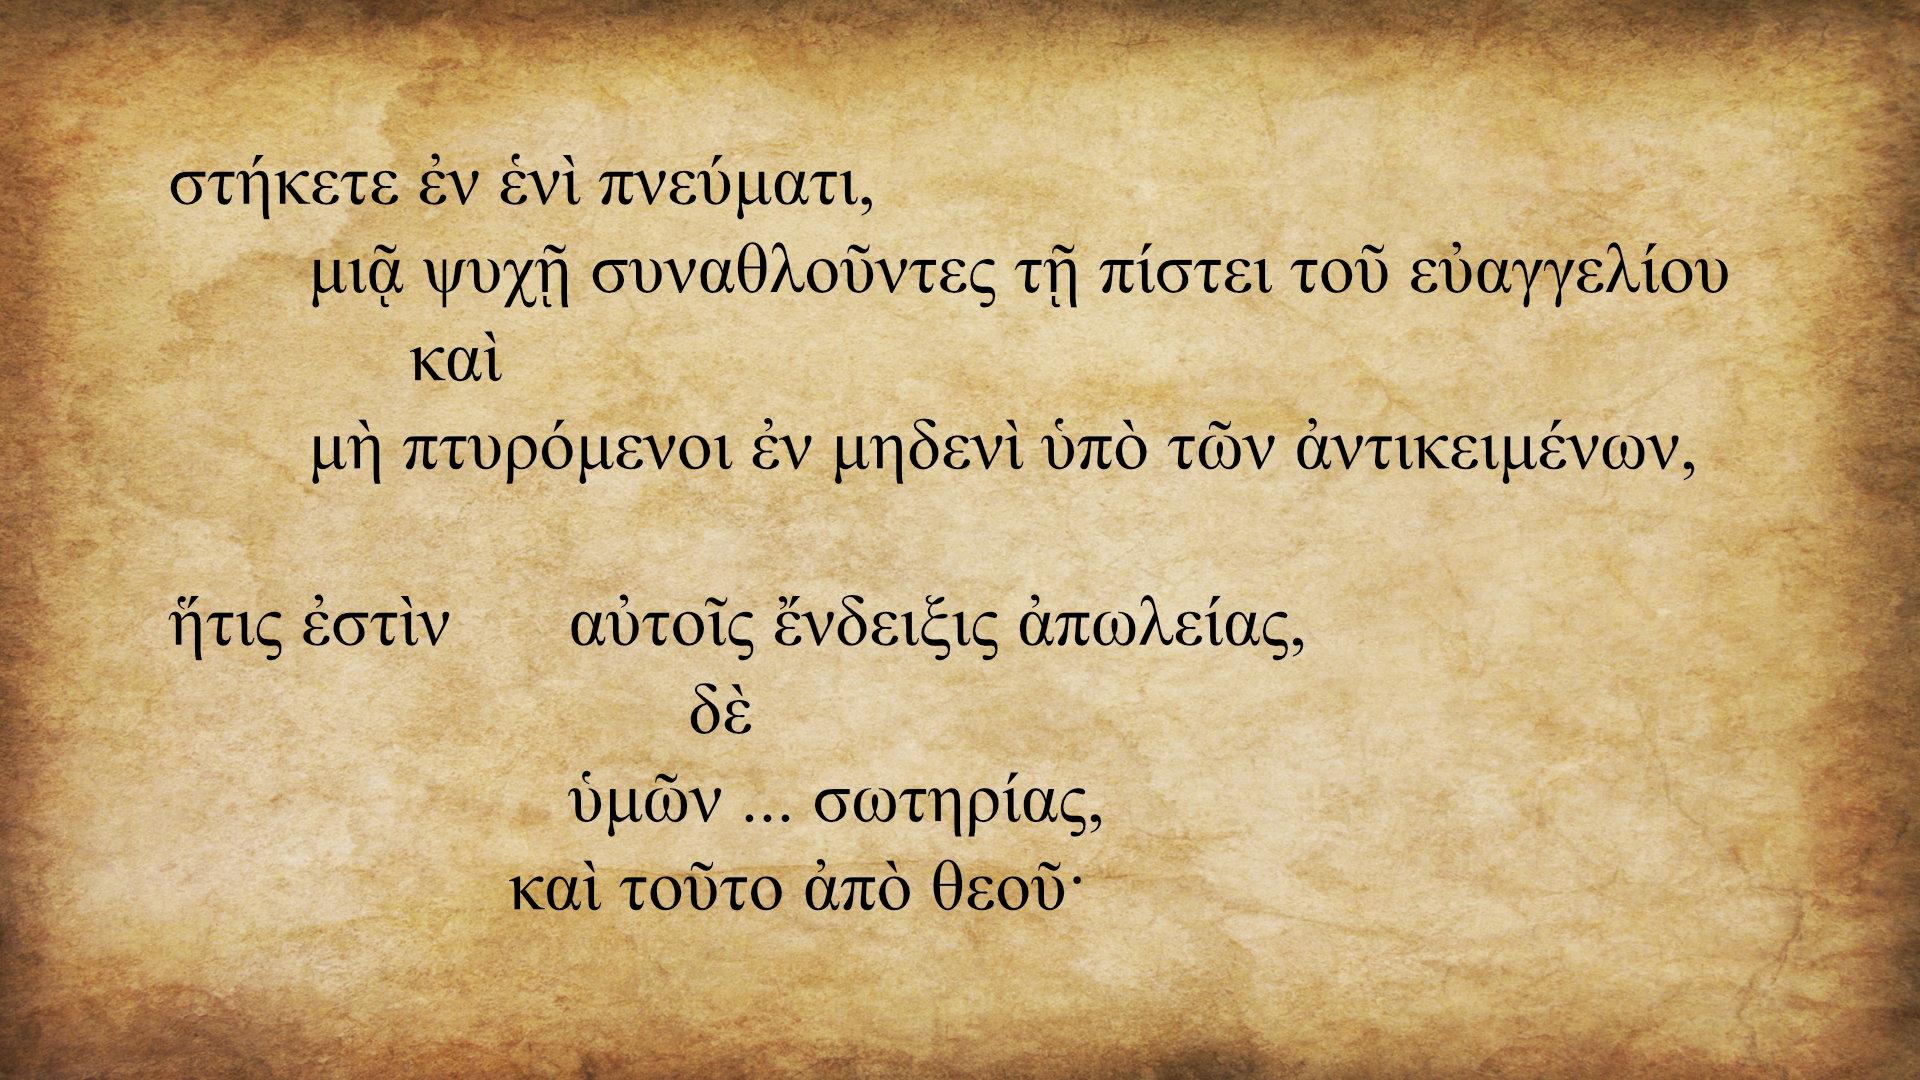 PHIL 1:27-28